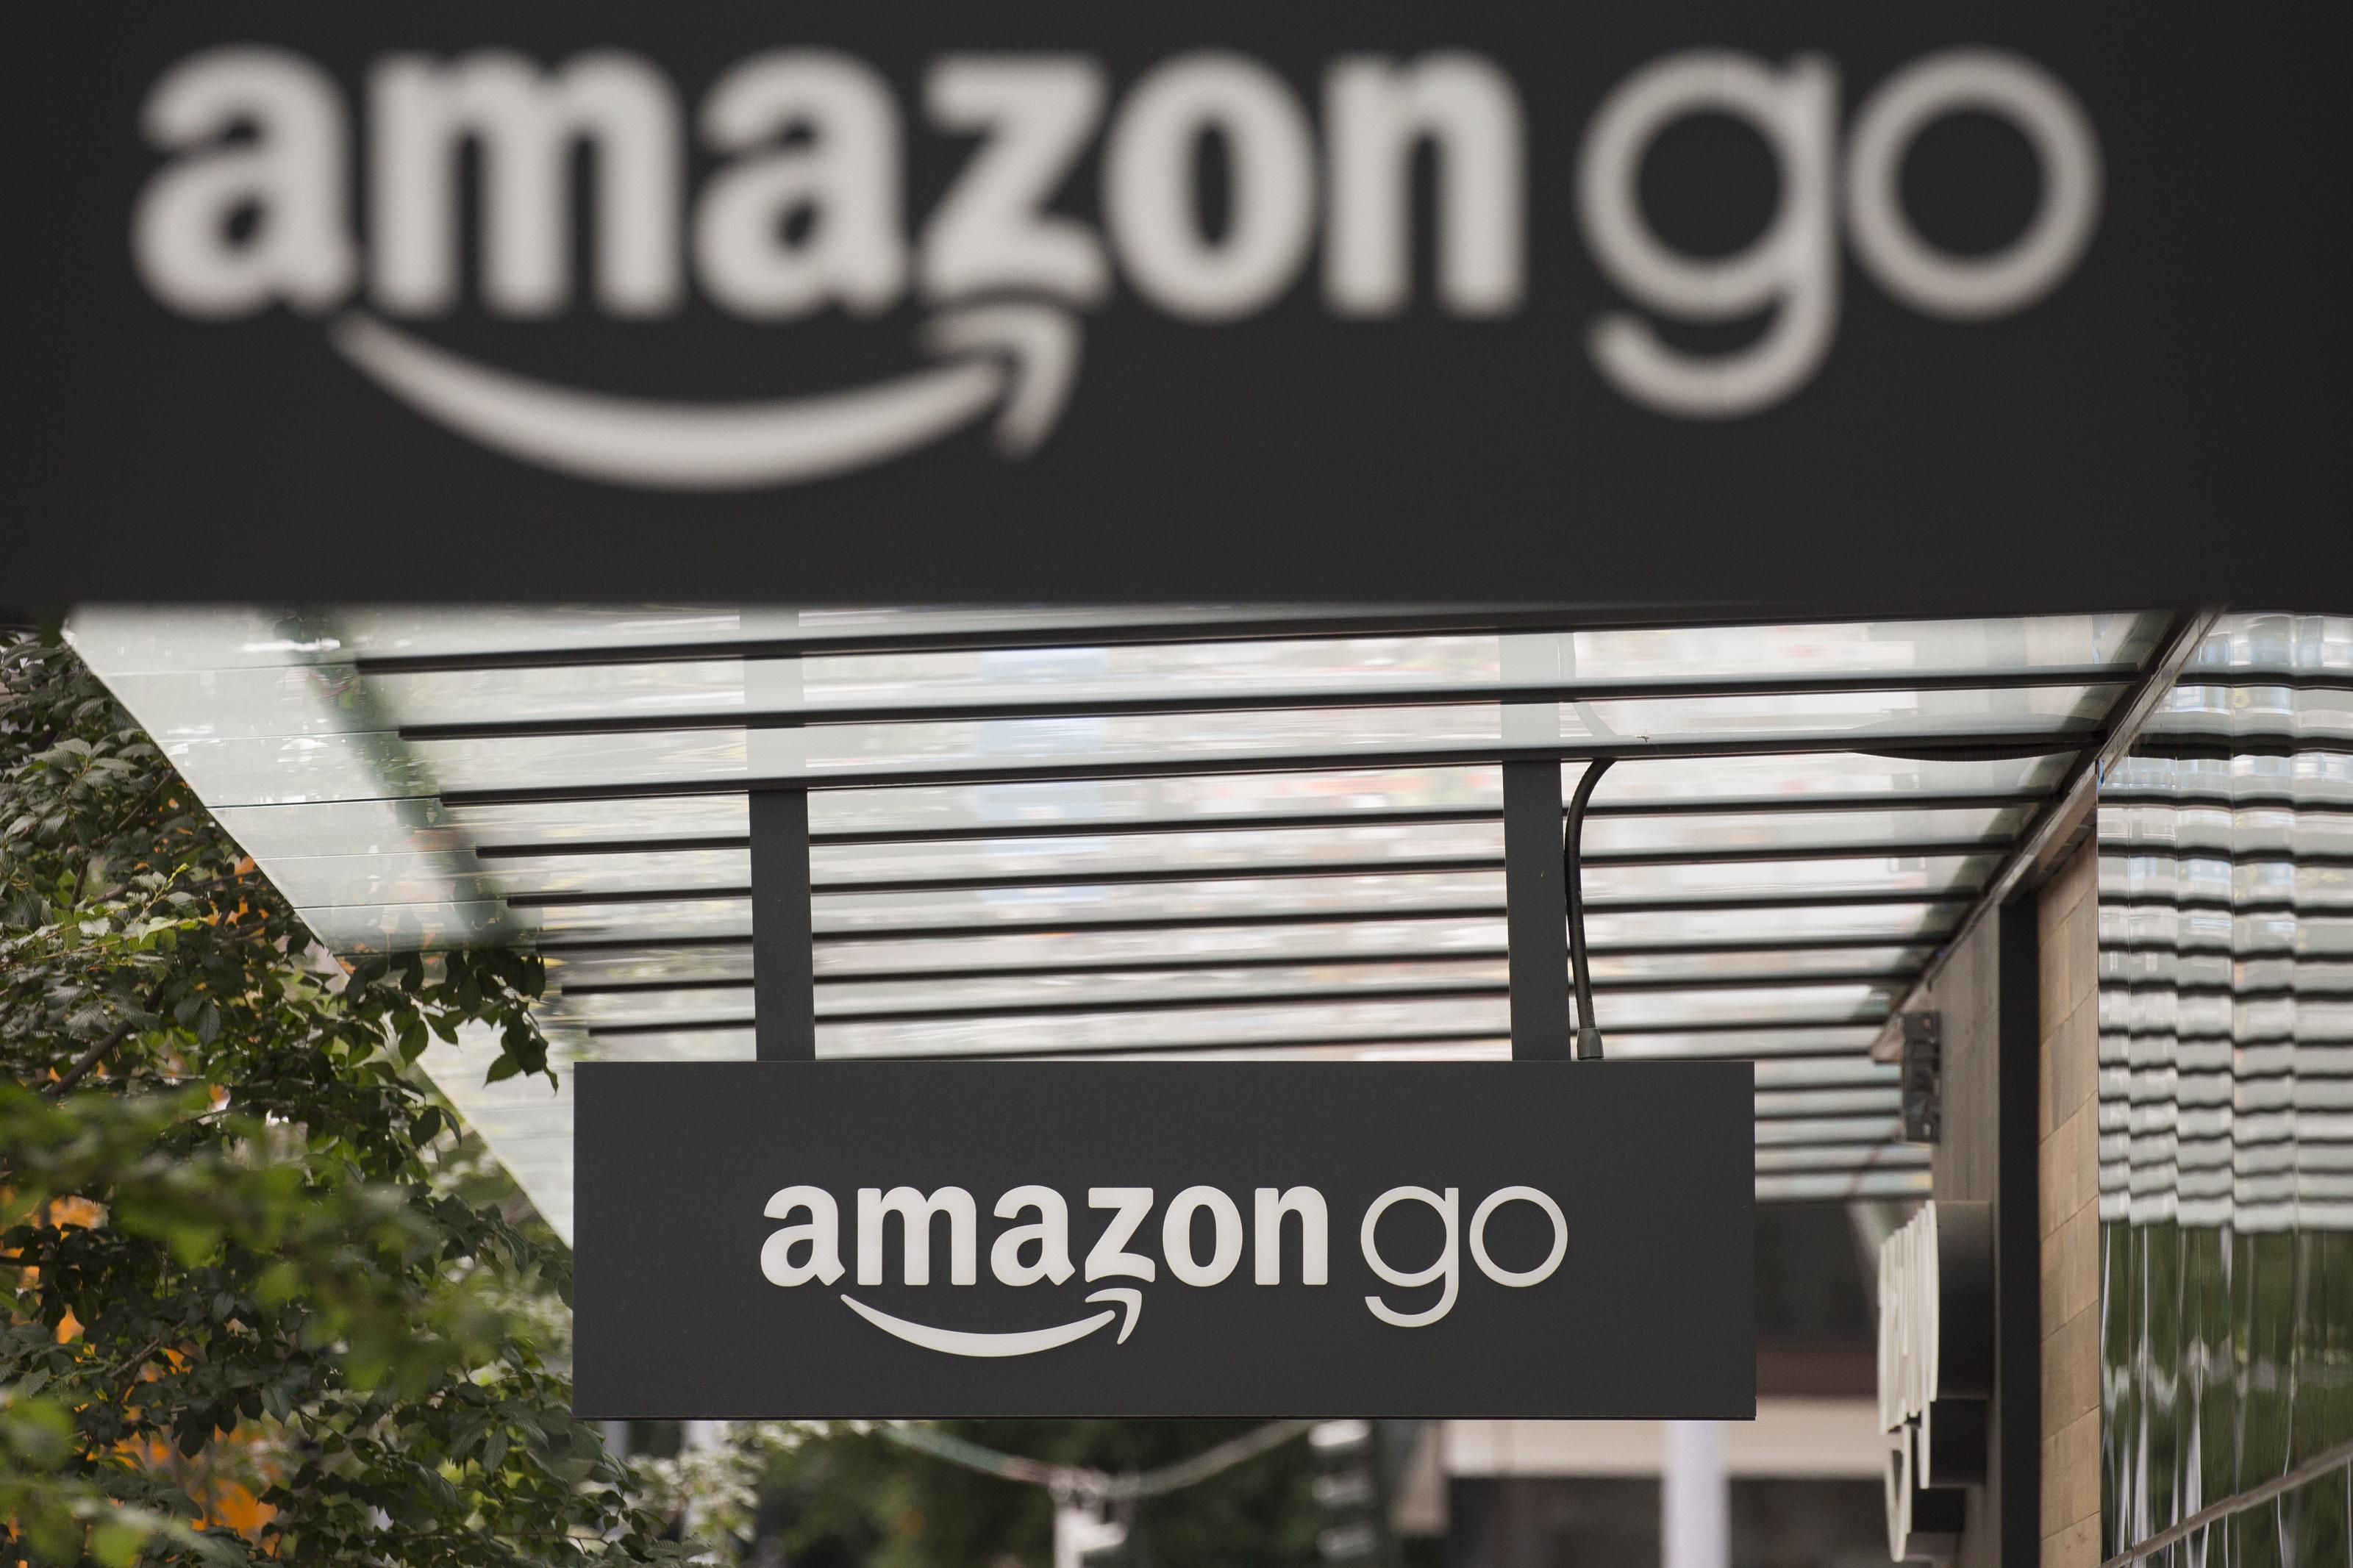 Hétfőn nyit az Amazon első boltja, ahol nem lesz többé se kassza, se sorbanállás